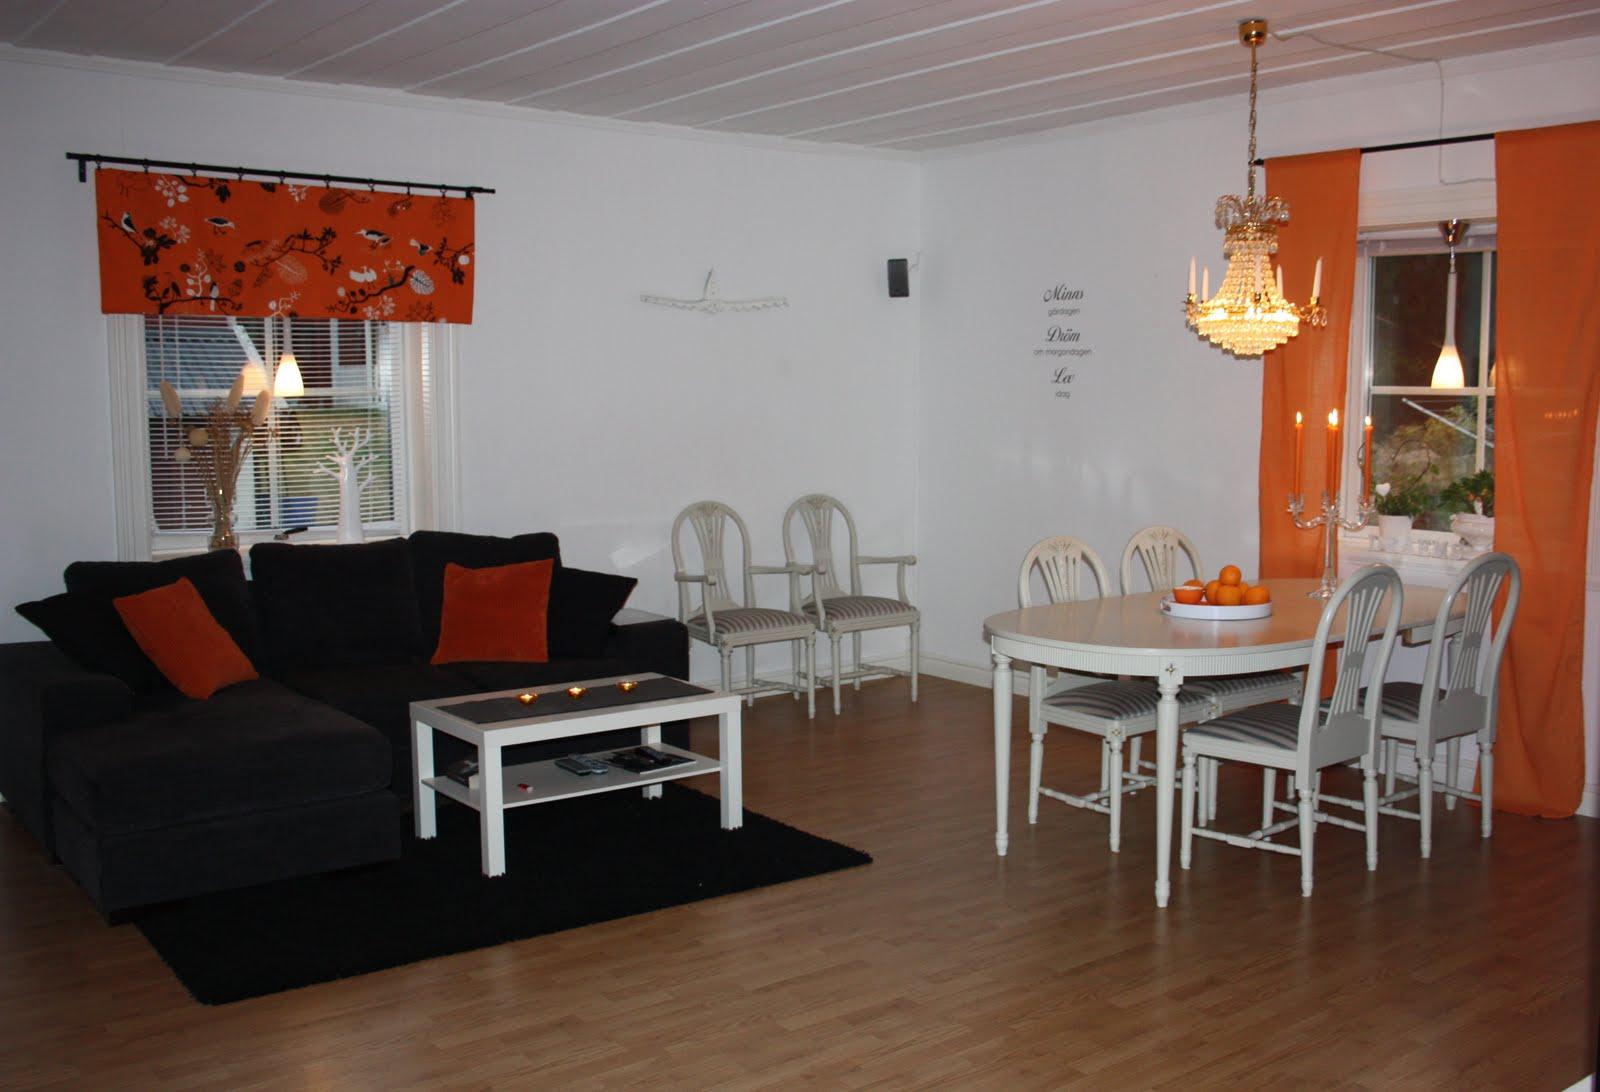 Tolis inredning: ett vardagsrum i orange